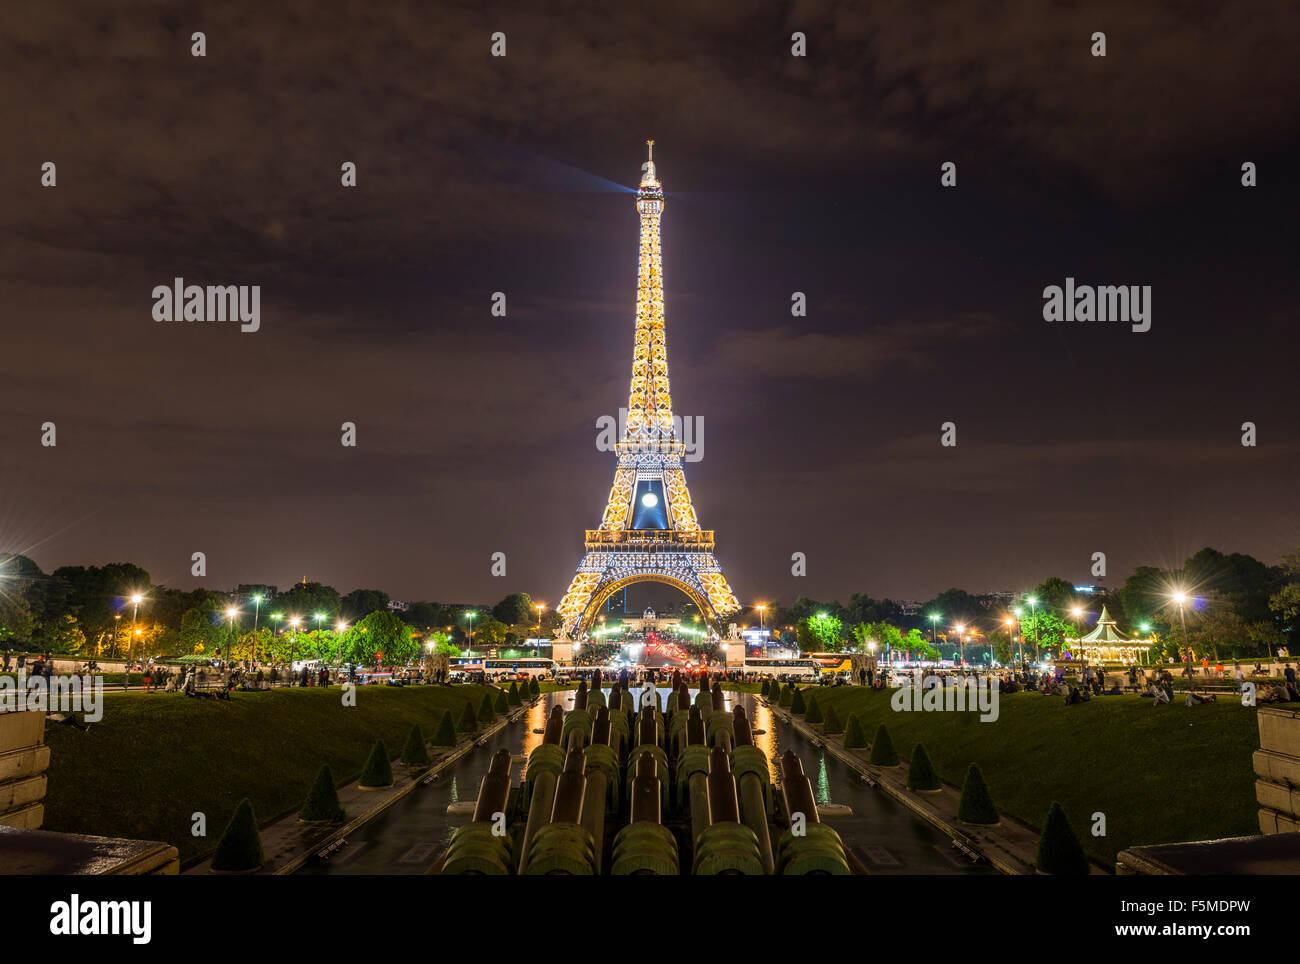 La Tour Eiffel illuminée la nuit, Trocadéro, Tour Eiffel, Paris, Ile-de-France, France Photo Stock